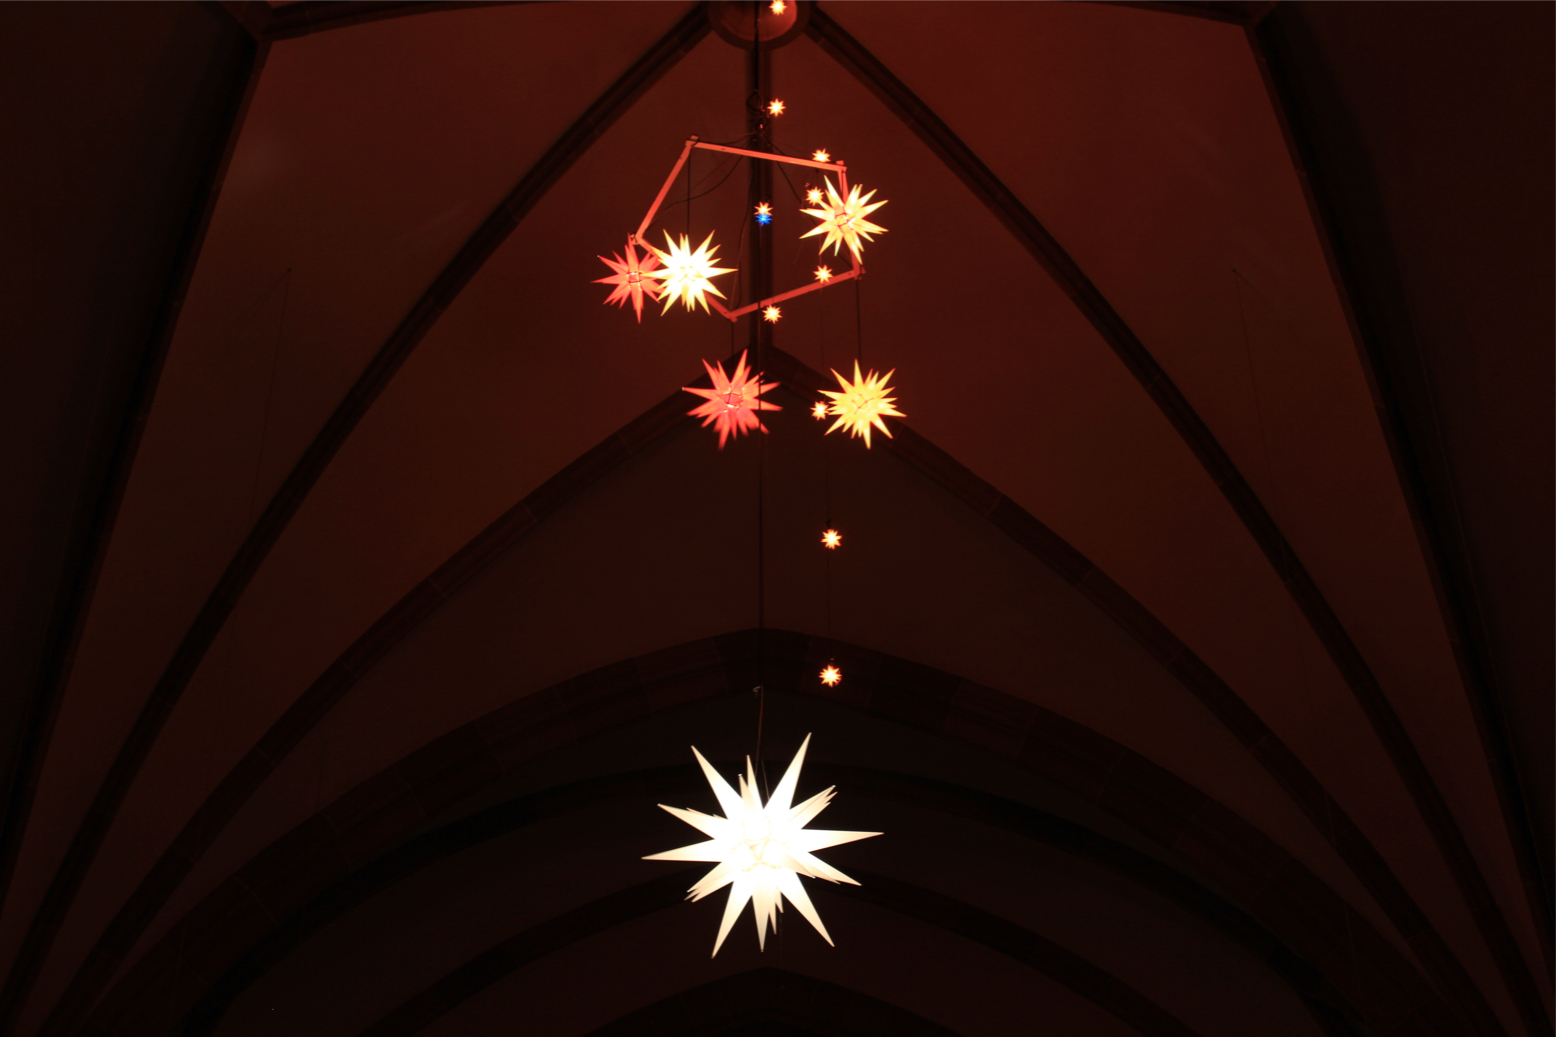 bilder aus der christuskirche warten auf weihnachten. Black Bedroom Furniture Sets. Home Design Ideas